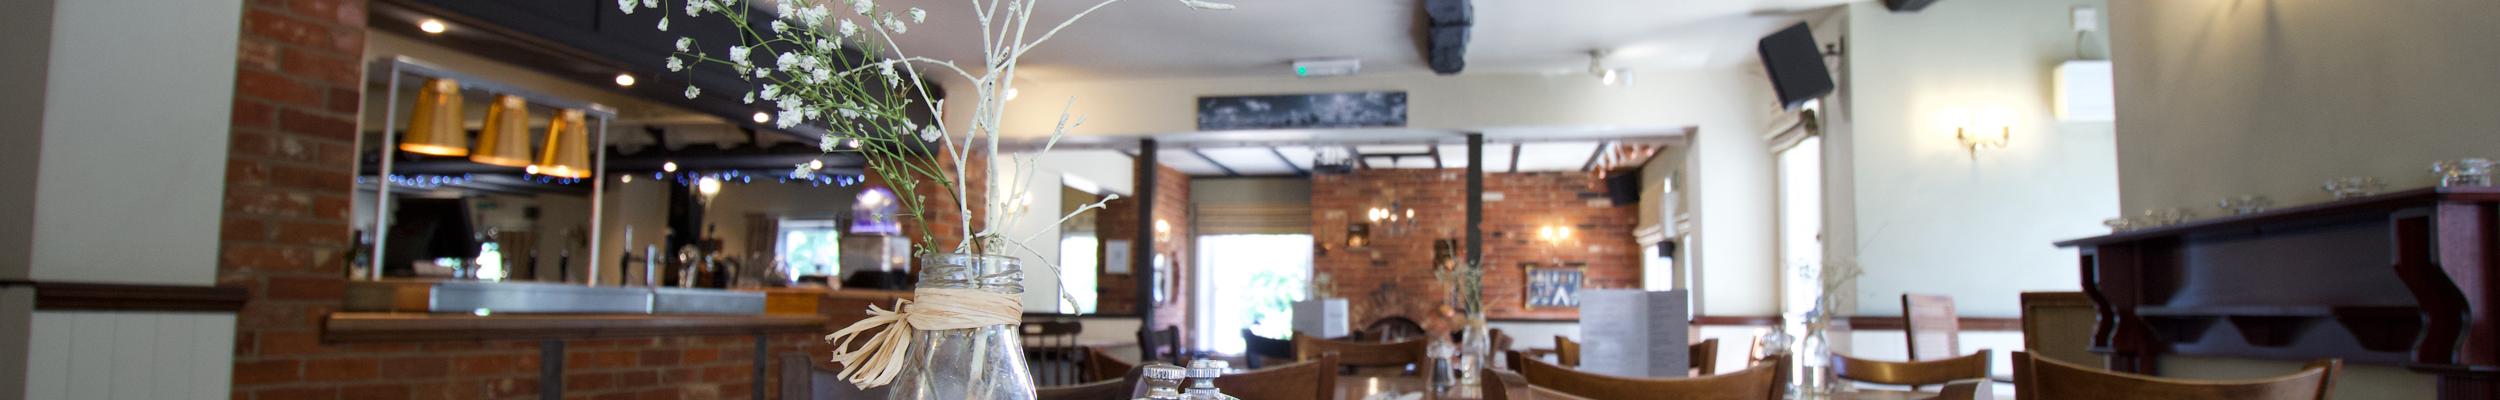 Restaurant // The Plough Inn Bar, Restaurant & Accommodation